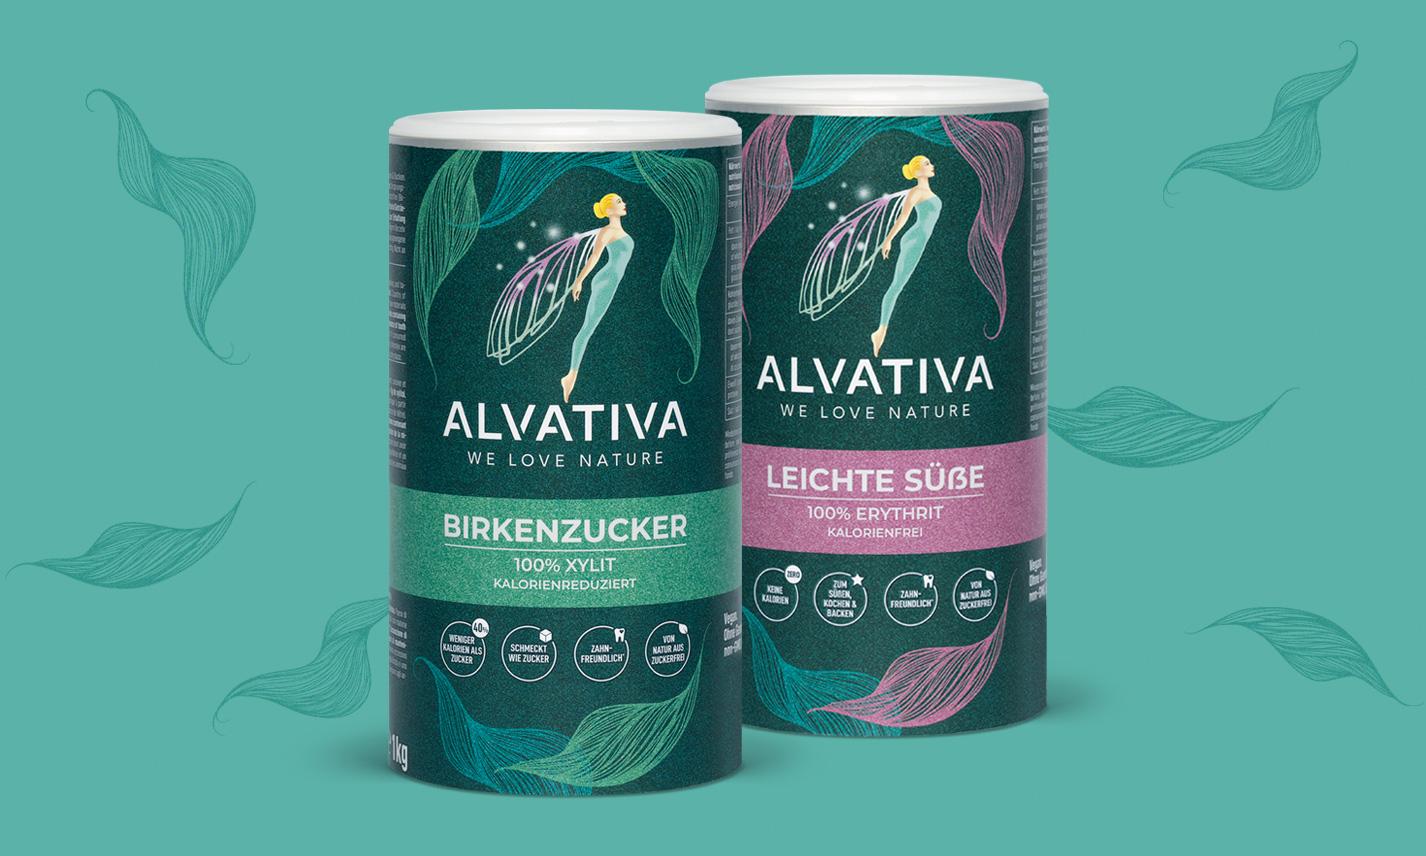 Alvativa Dosendesign by HeySister Packaging Design